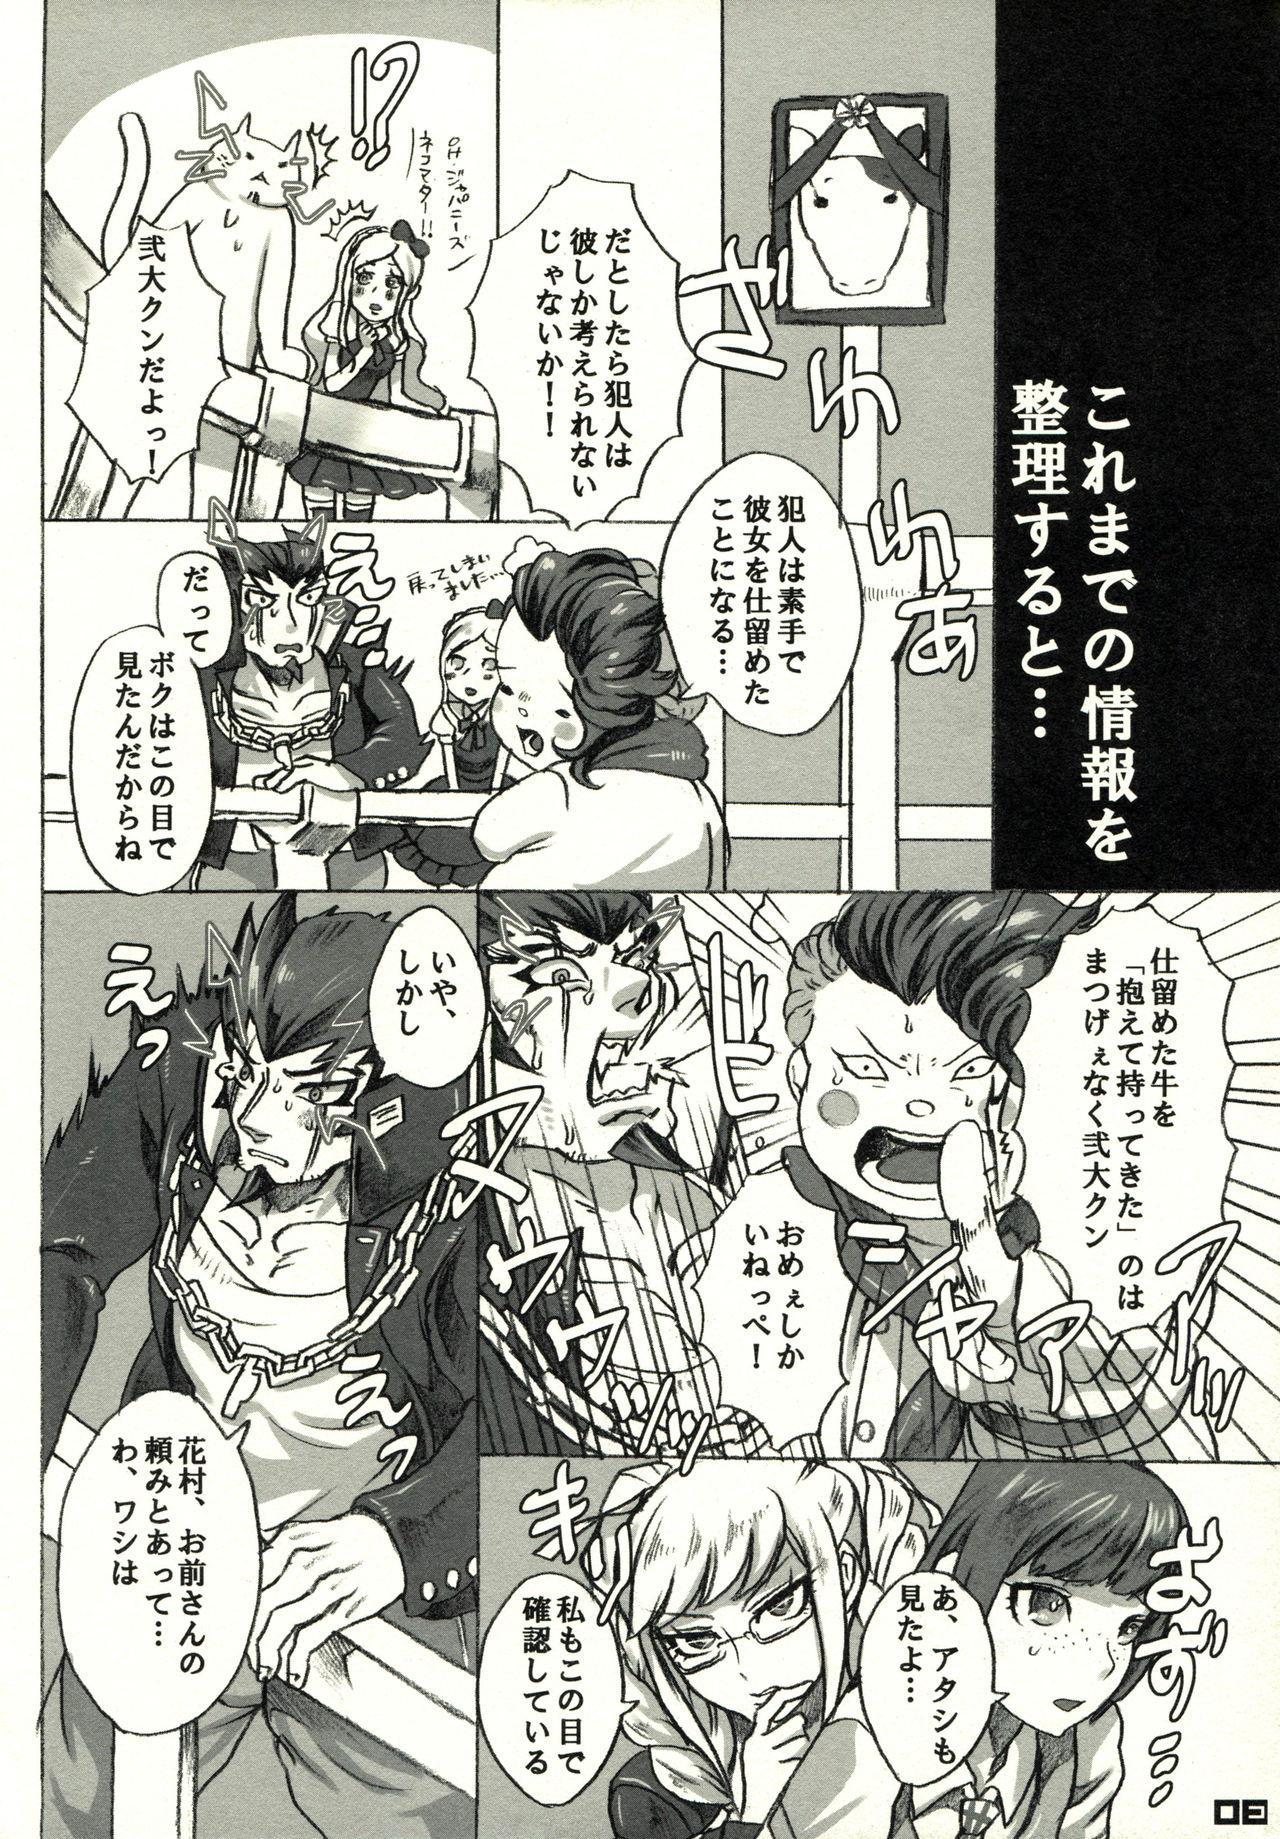 Nidai-kun ga Kuro ni Kimarimashita. Oshioki o Kaishi Shimasu. 6